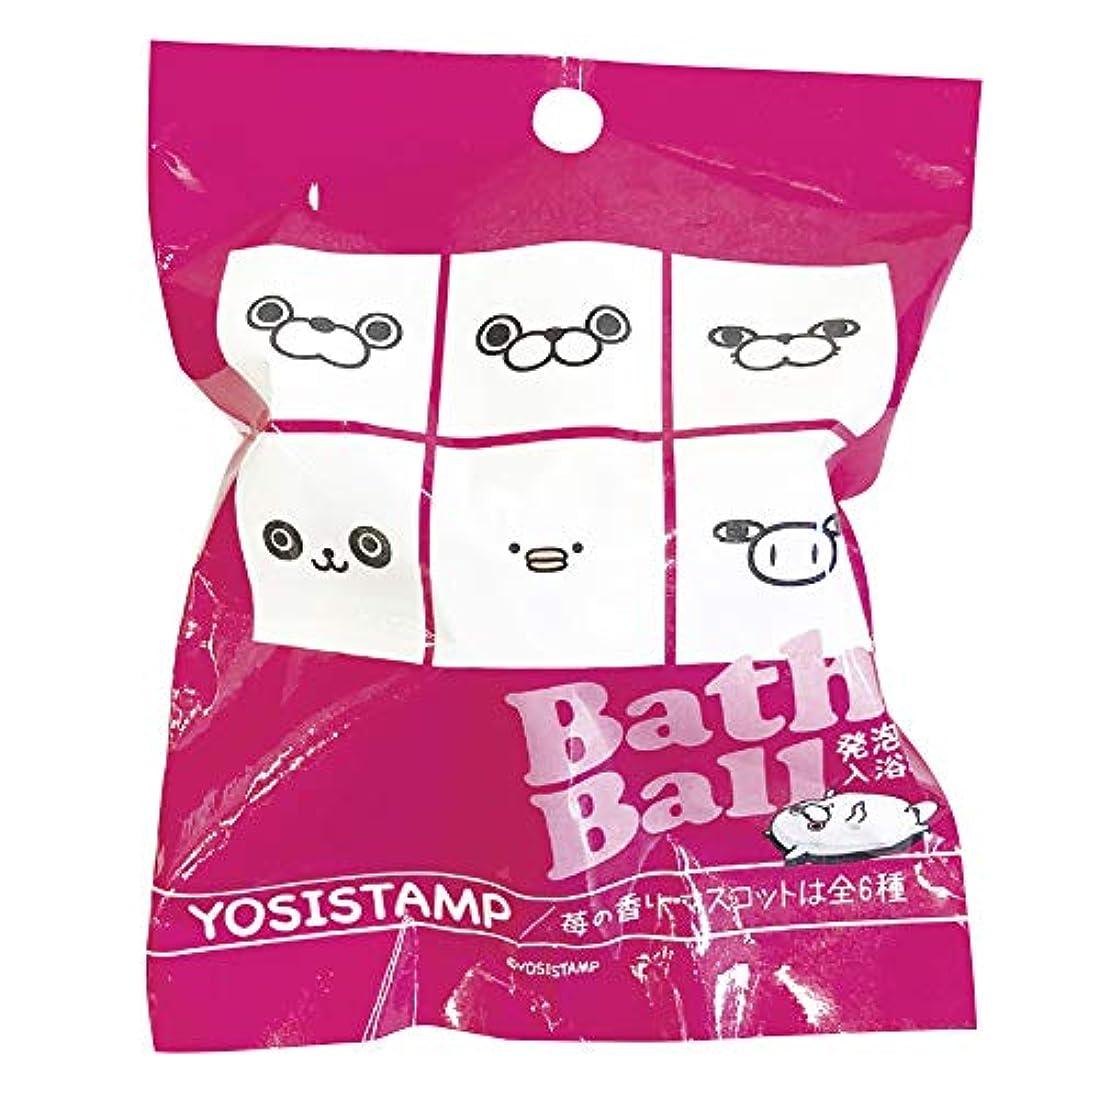 宇宙潜在的なヨッシースタンプ 入浴剤 バスボール おまけ付き イチゴの香り ABD-004-002